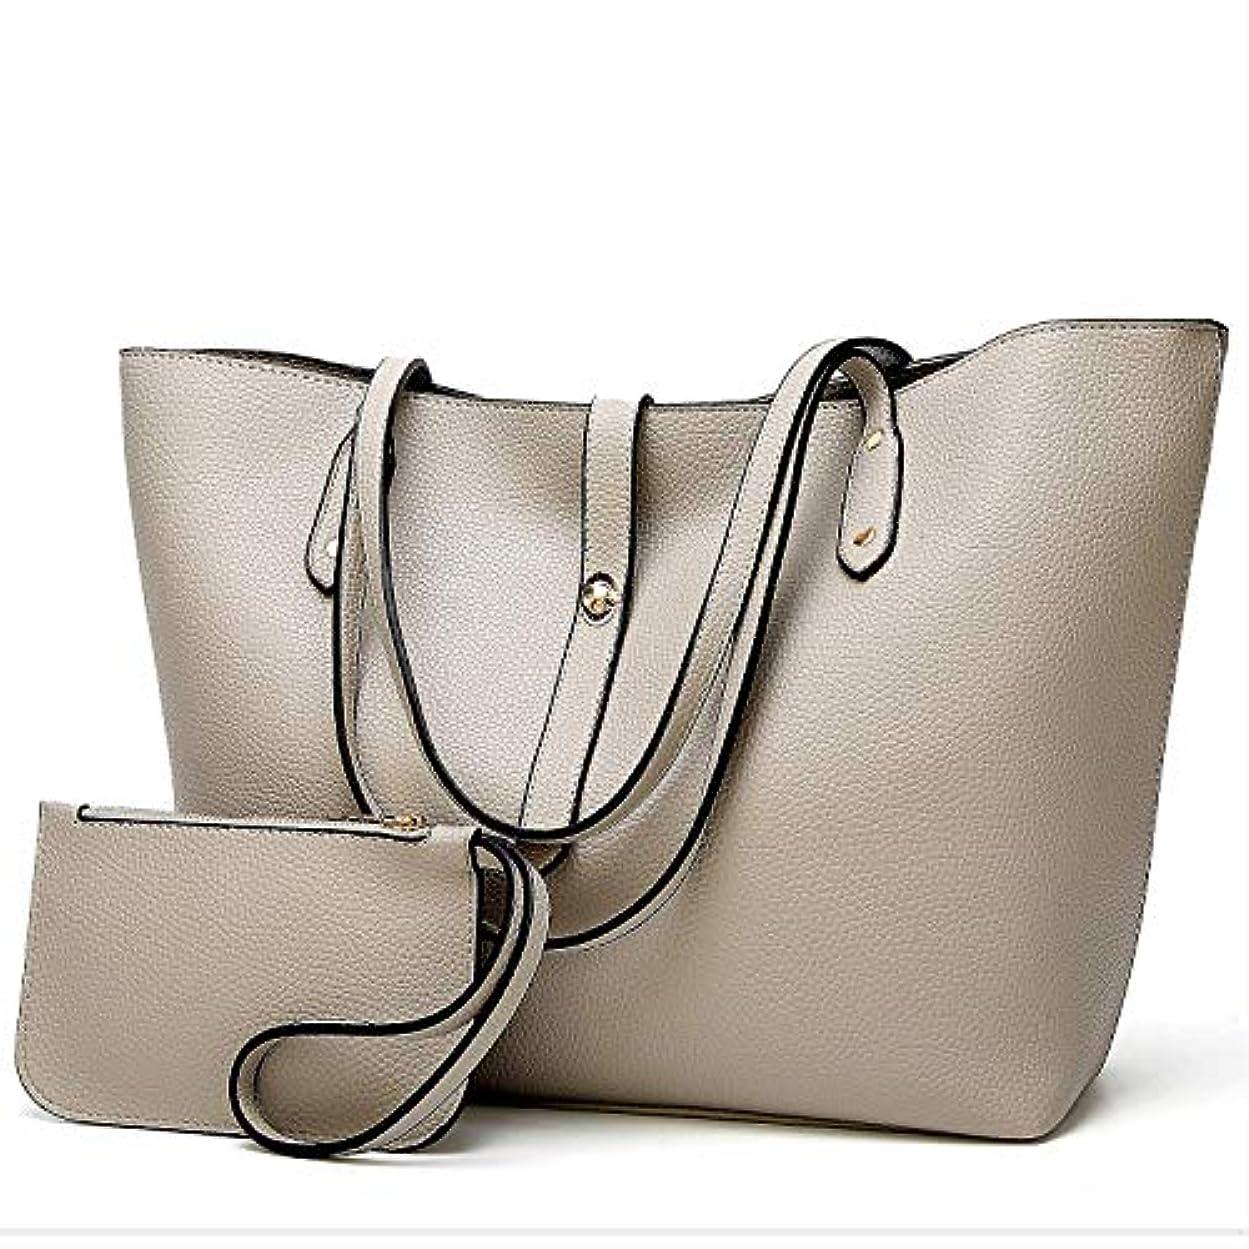 スイッチクラフトメカニック[TcIFE] ハンドバッグ レディース トートバッグ 大容量 無地 ショルダーバッグ 2way 財布とハンドバッグ